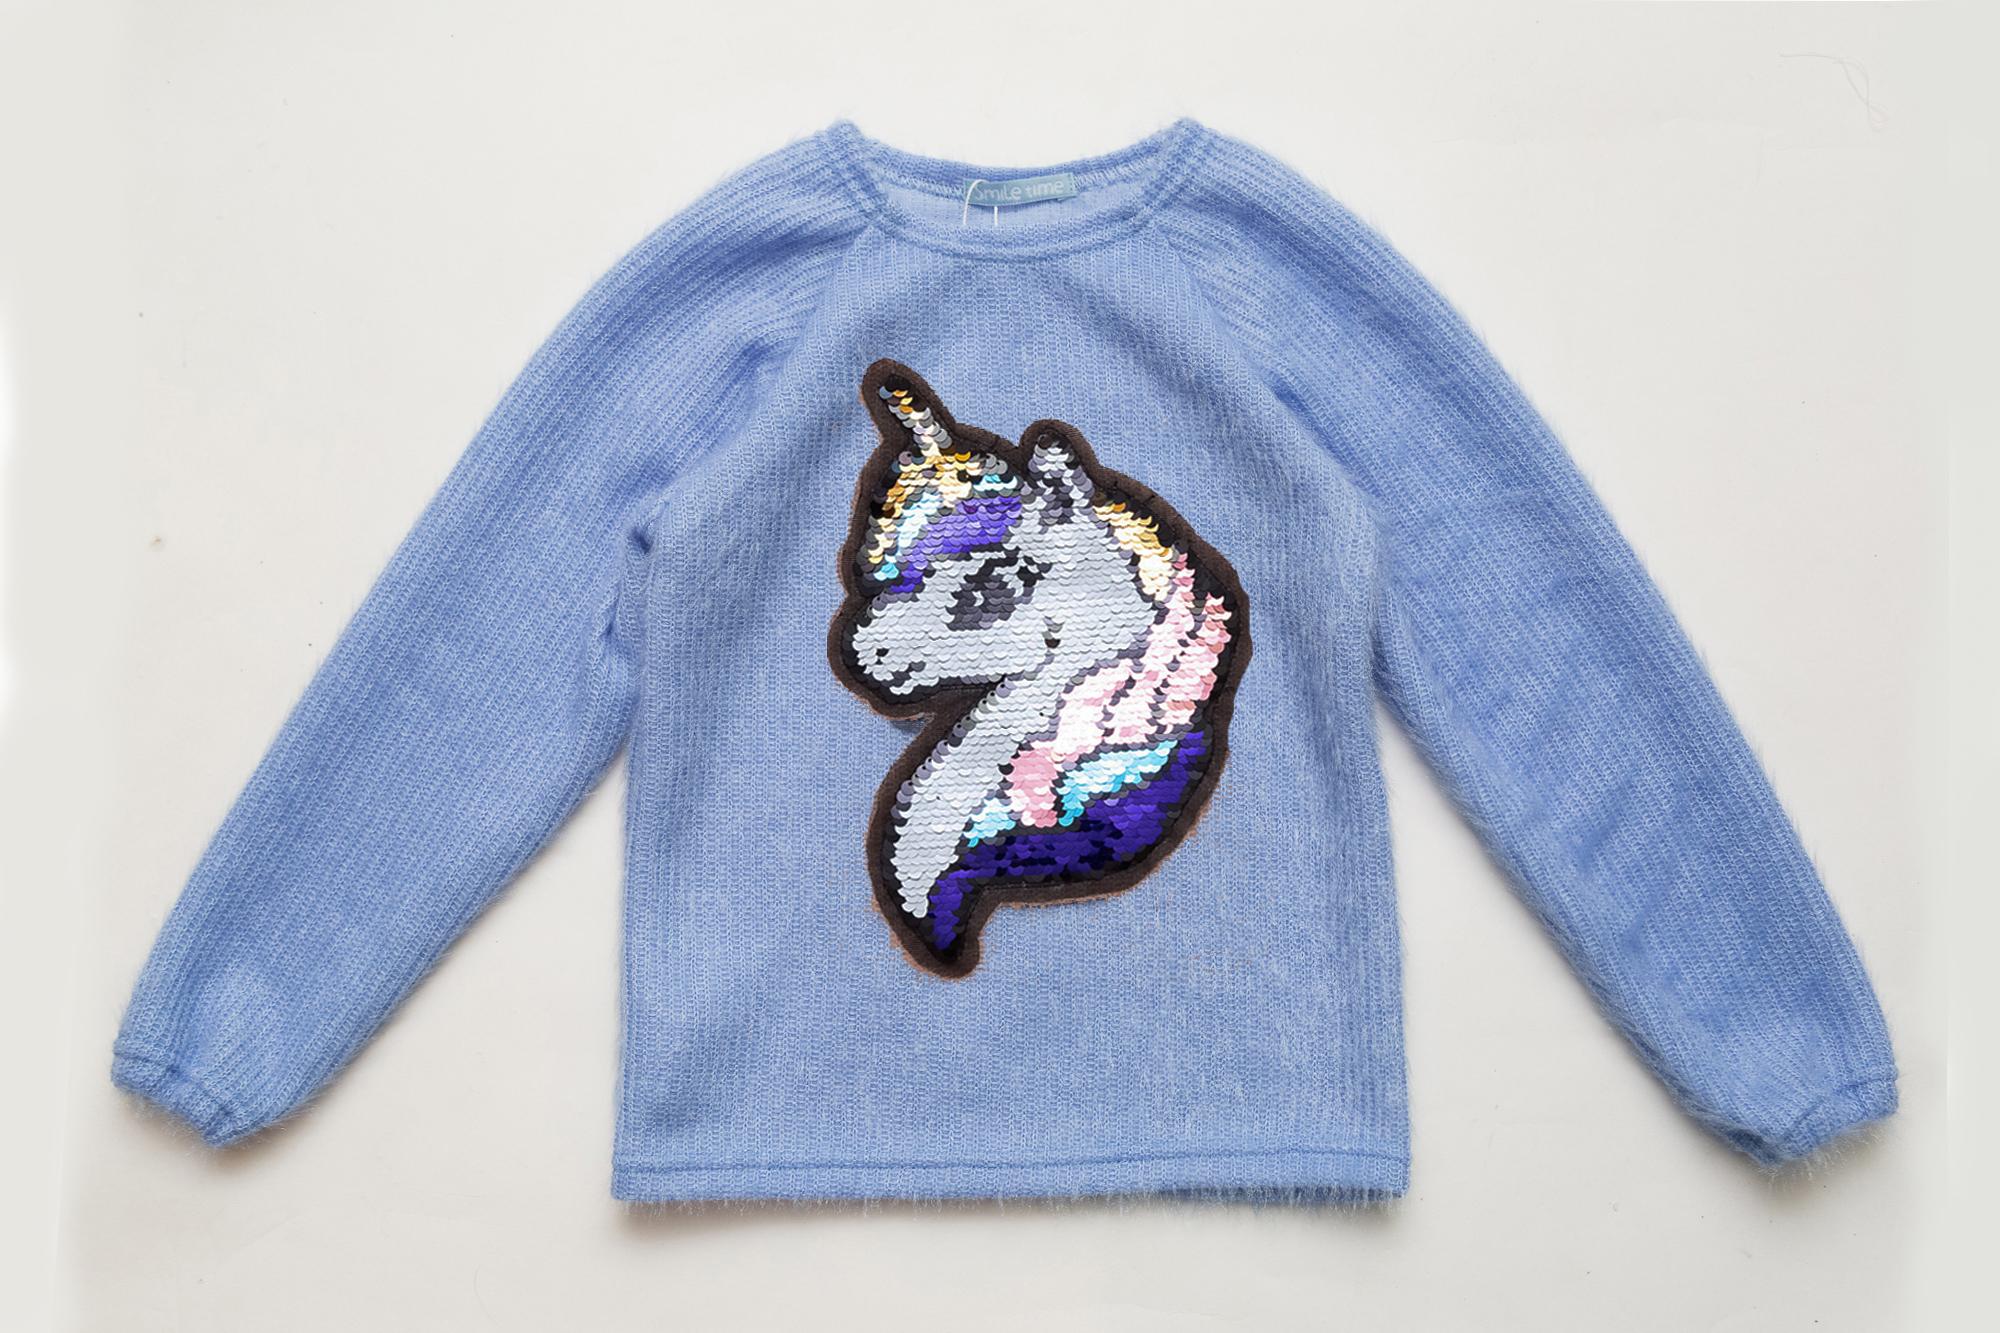 Свитер детский SmileTime  нарядный Pony, голубой